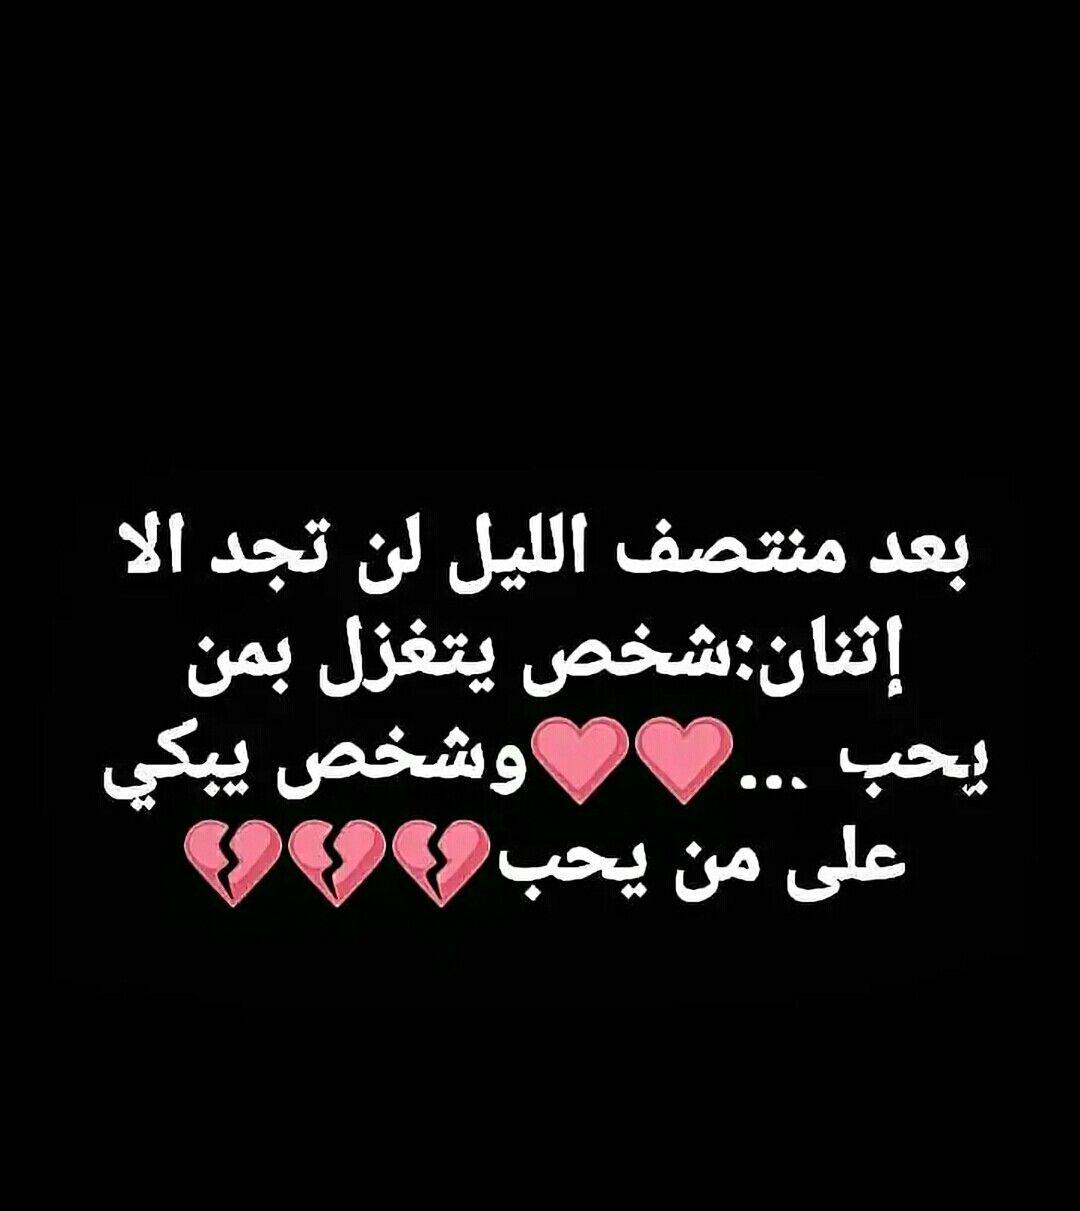 و واحد نايم من العصر للساعة تمنية ههههههههه Arabic Calligraphy